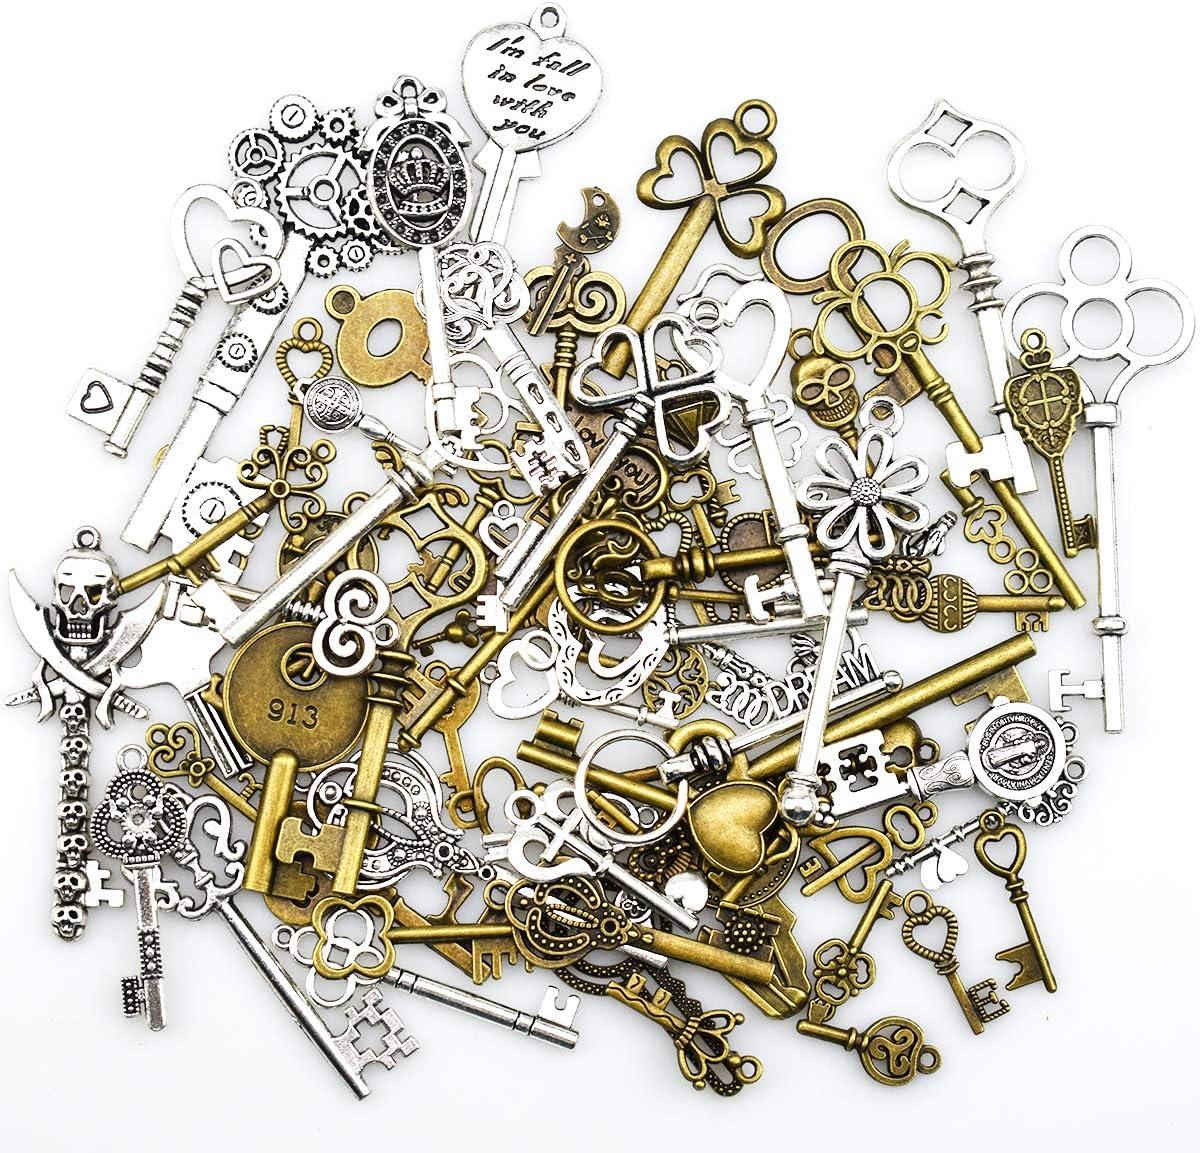 Antiguo esqueleto clave encantos colgantes para hacer a mano suministros hallazgos que hacen accesorio bricolaje collar pulsera (80 piezas)